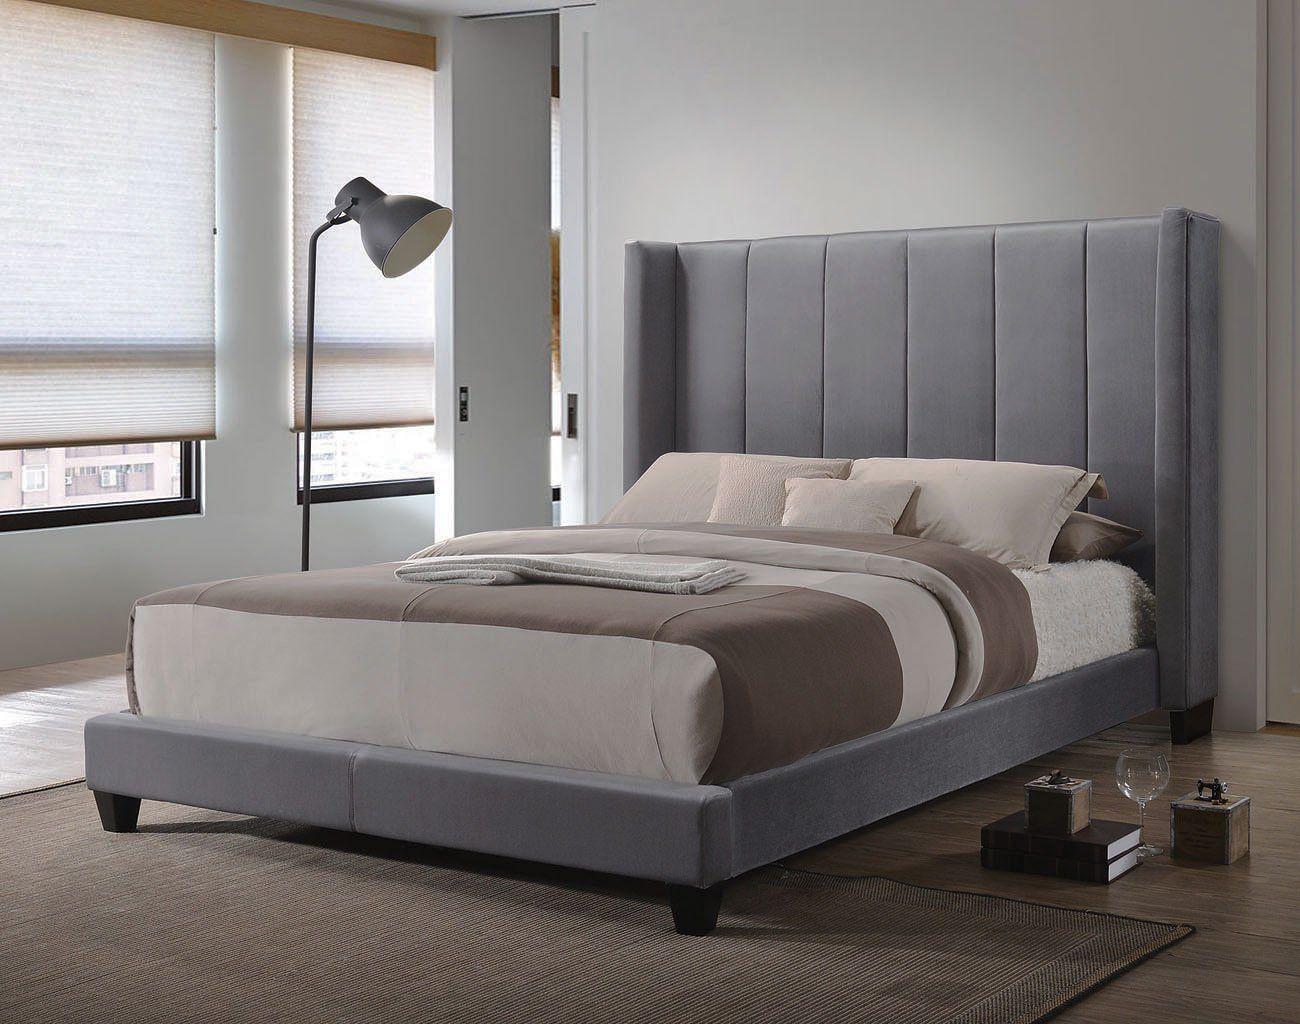 Hudson Upholstered Bed Upholstered beds, Furniture, Bed